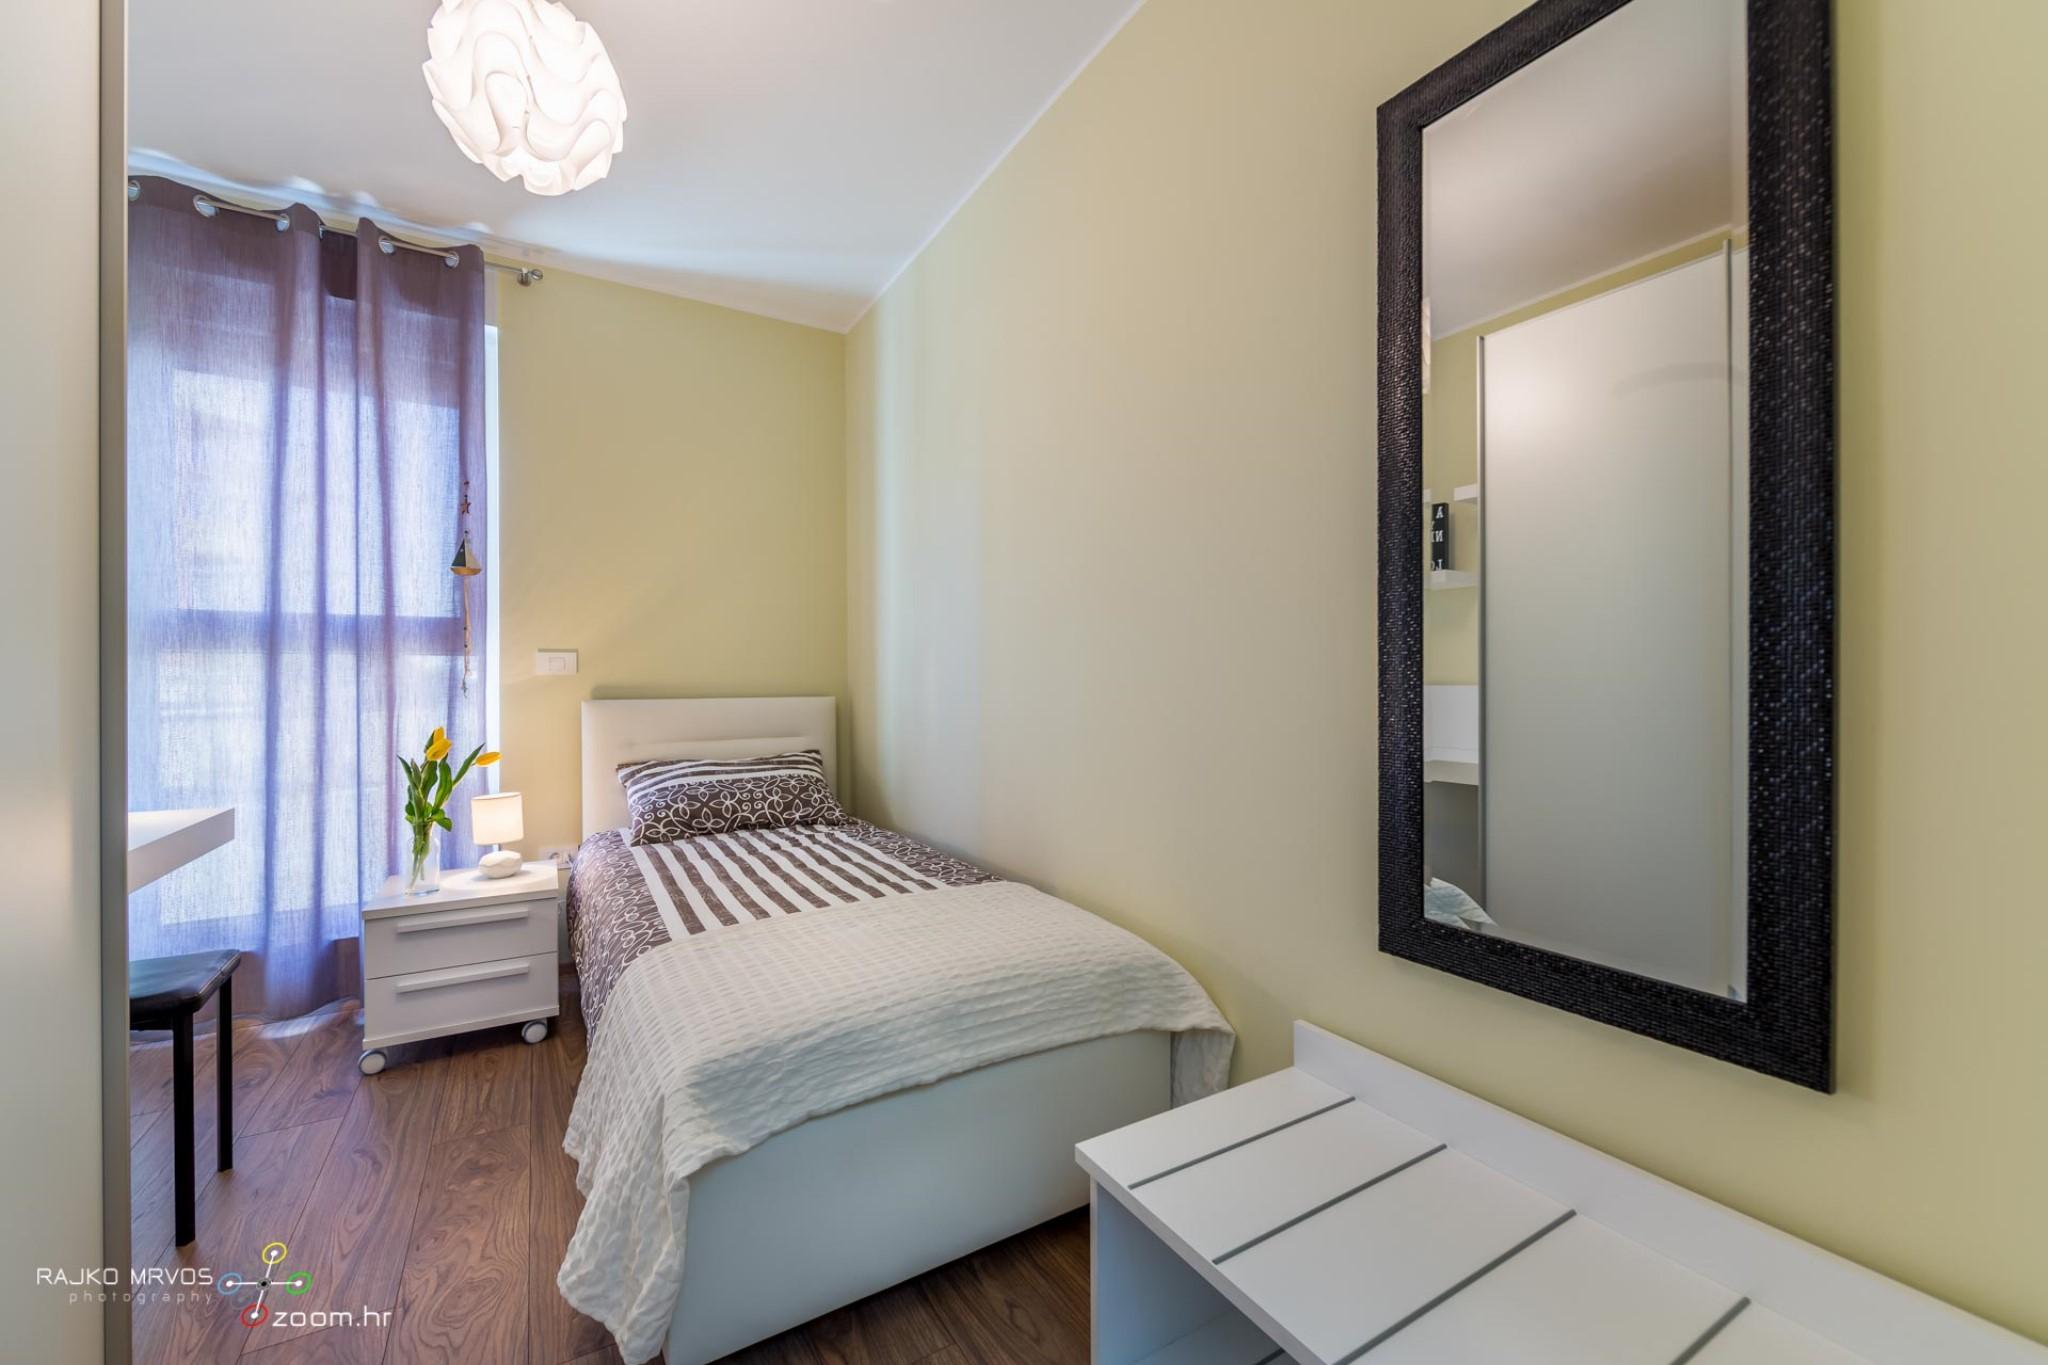 fotografiranje-interijera-fotograf-eksterijera-apartmana-vila-kuca-hotela-apartman-Pobri-Opatija-24